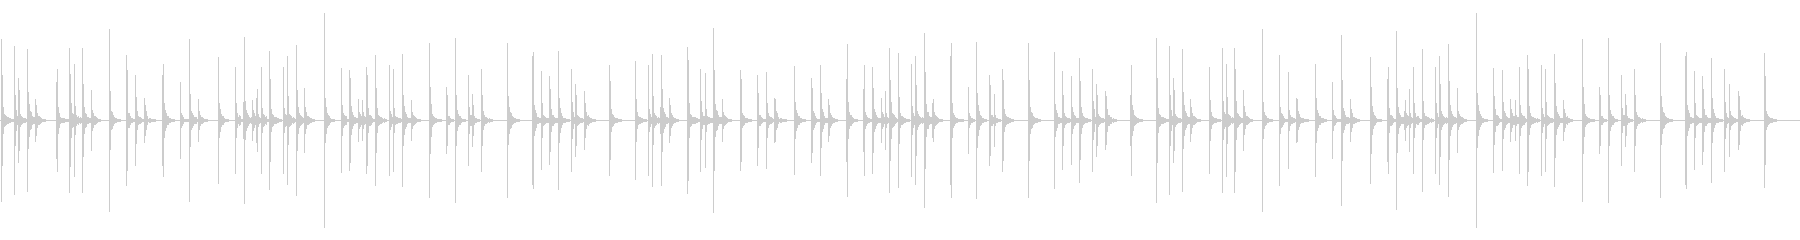 きよしこの夜 木琴 コンサートホールの未再生の波形